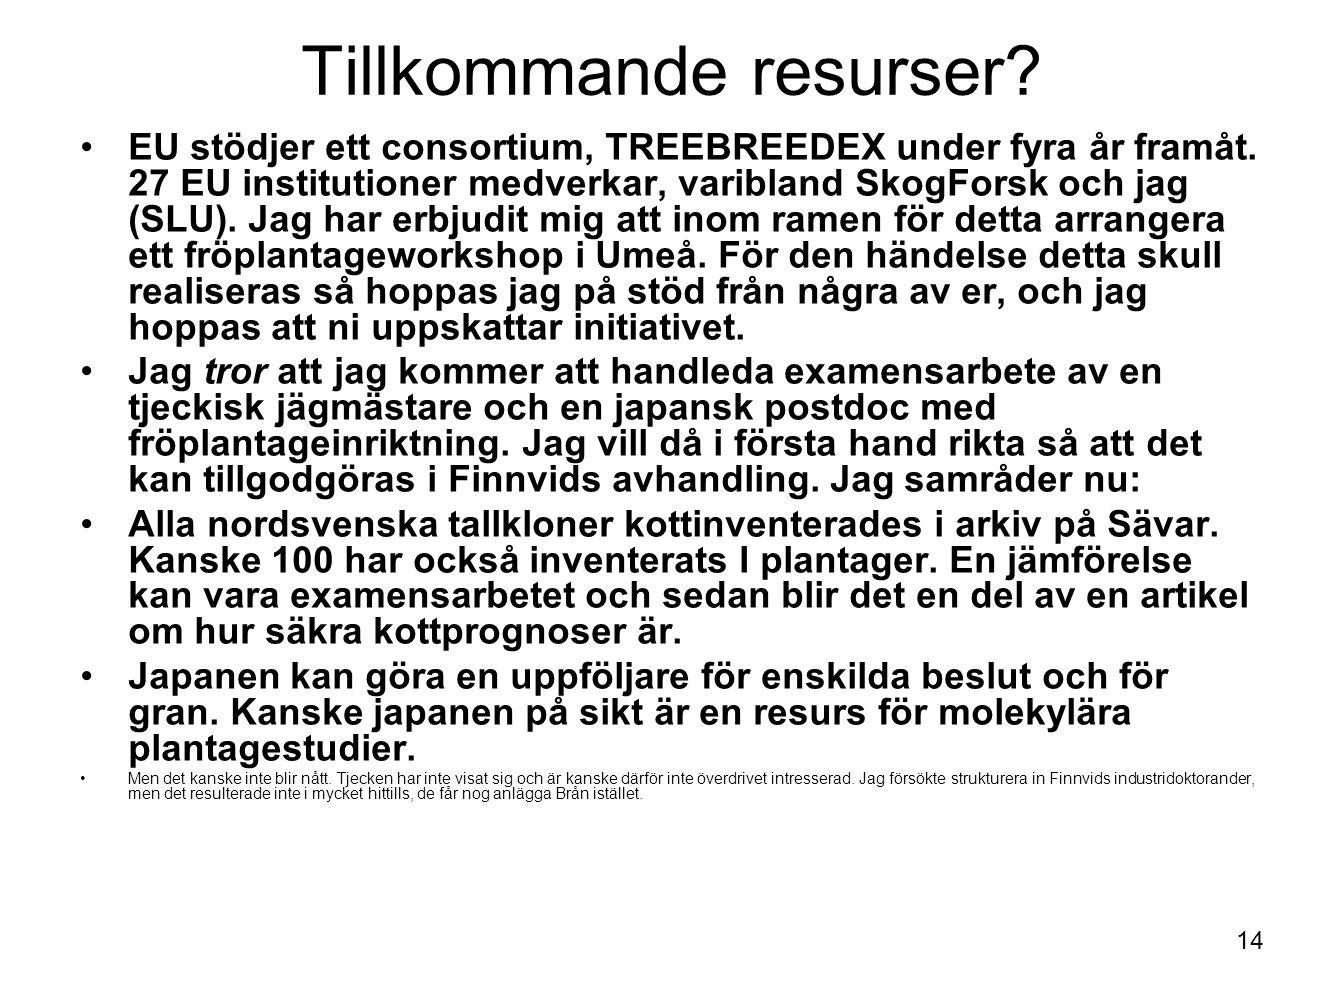 14 Tillkommande resurser? EU stödjer ett consortium, TREEBREEDEX under fyra år framåt. 27 EU institutioner medverkar, varibland SkogForsk och jag (SLU